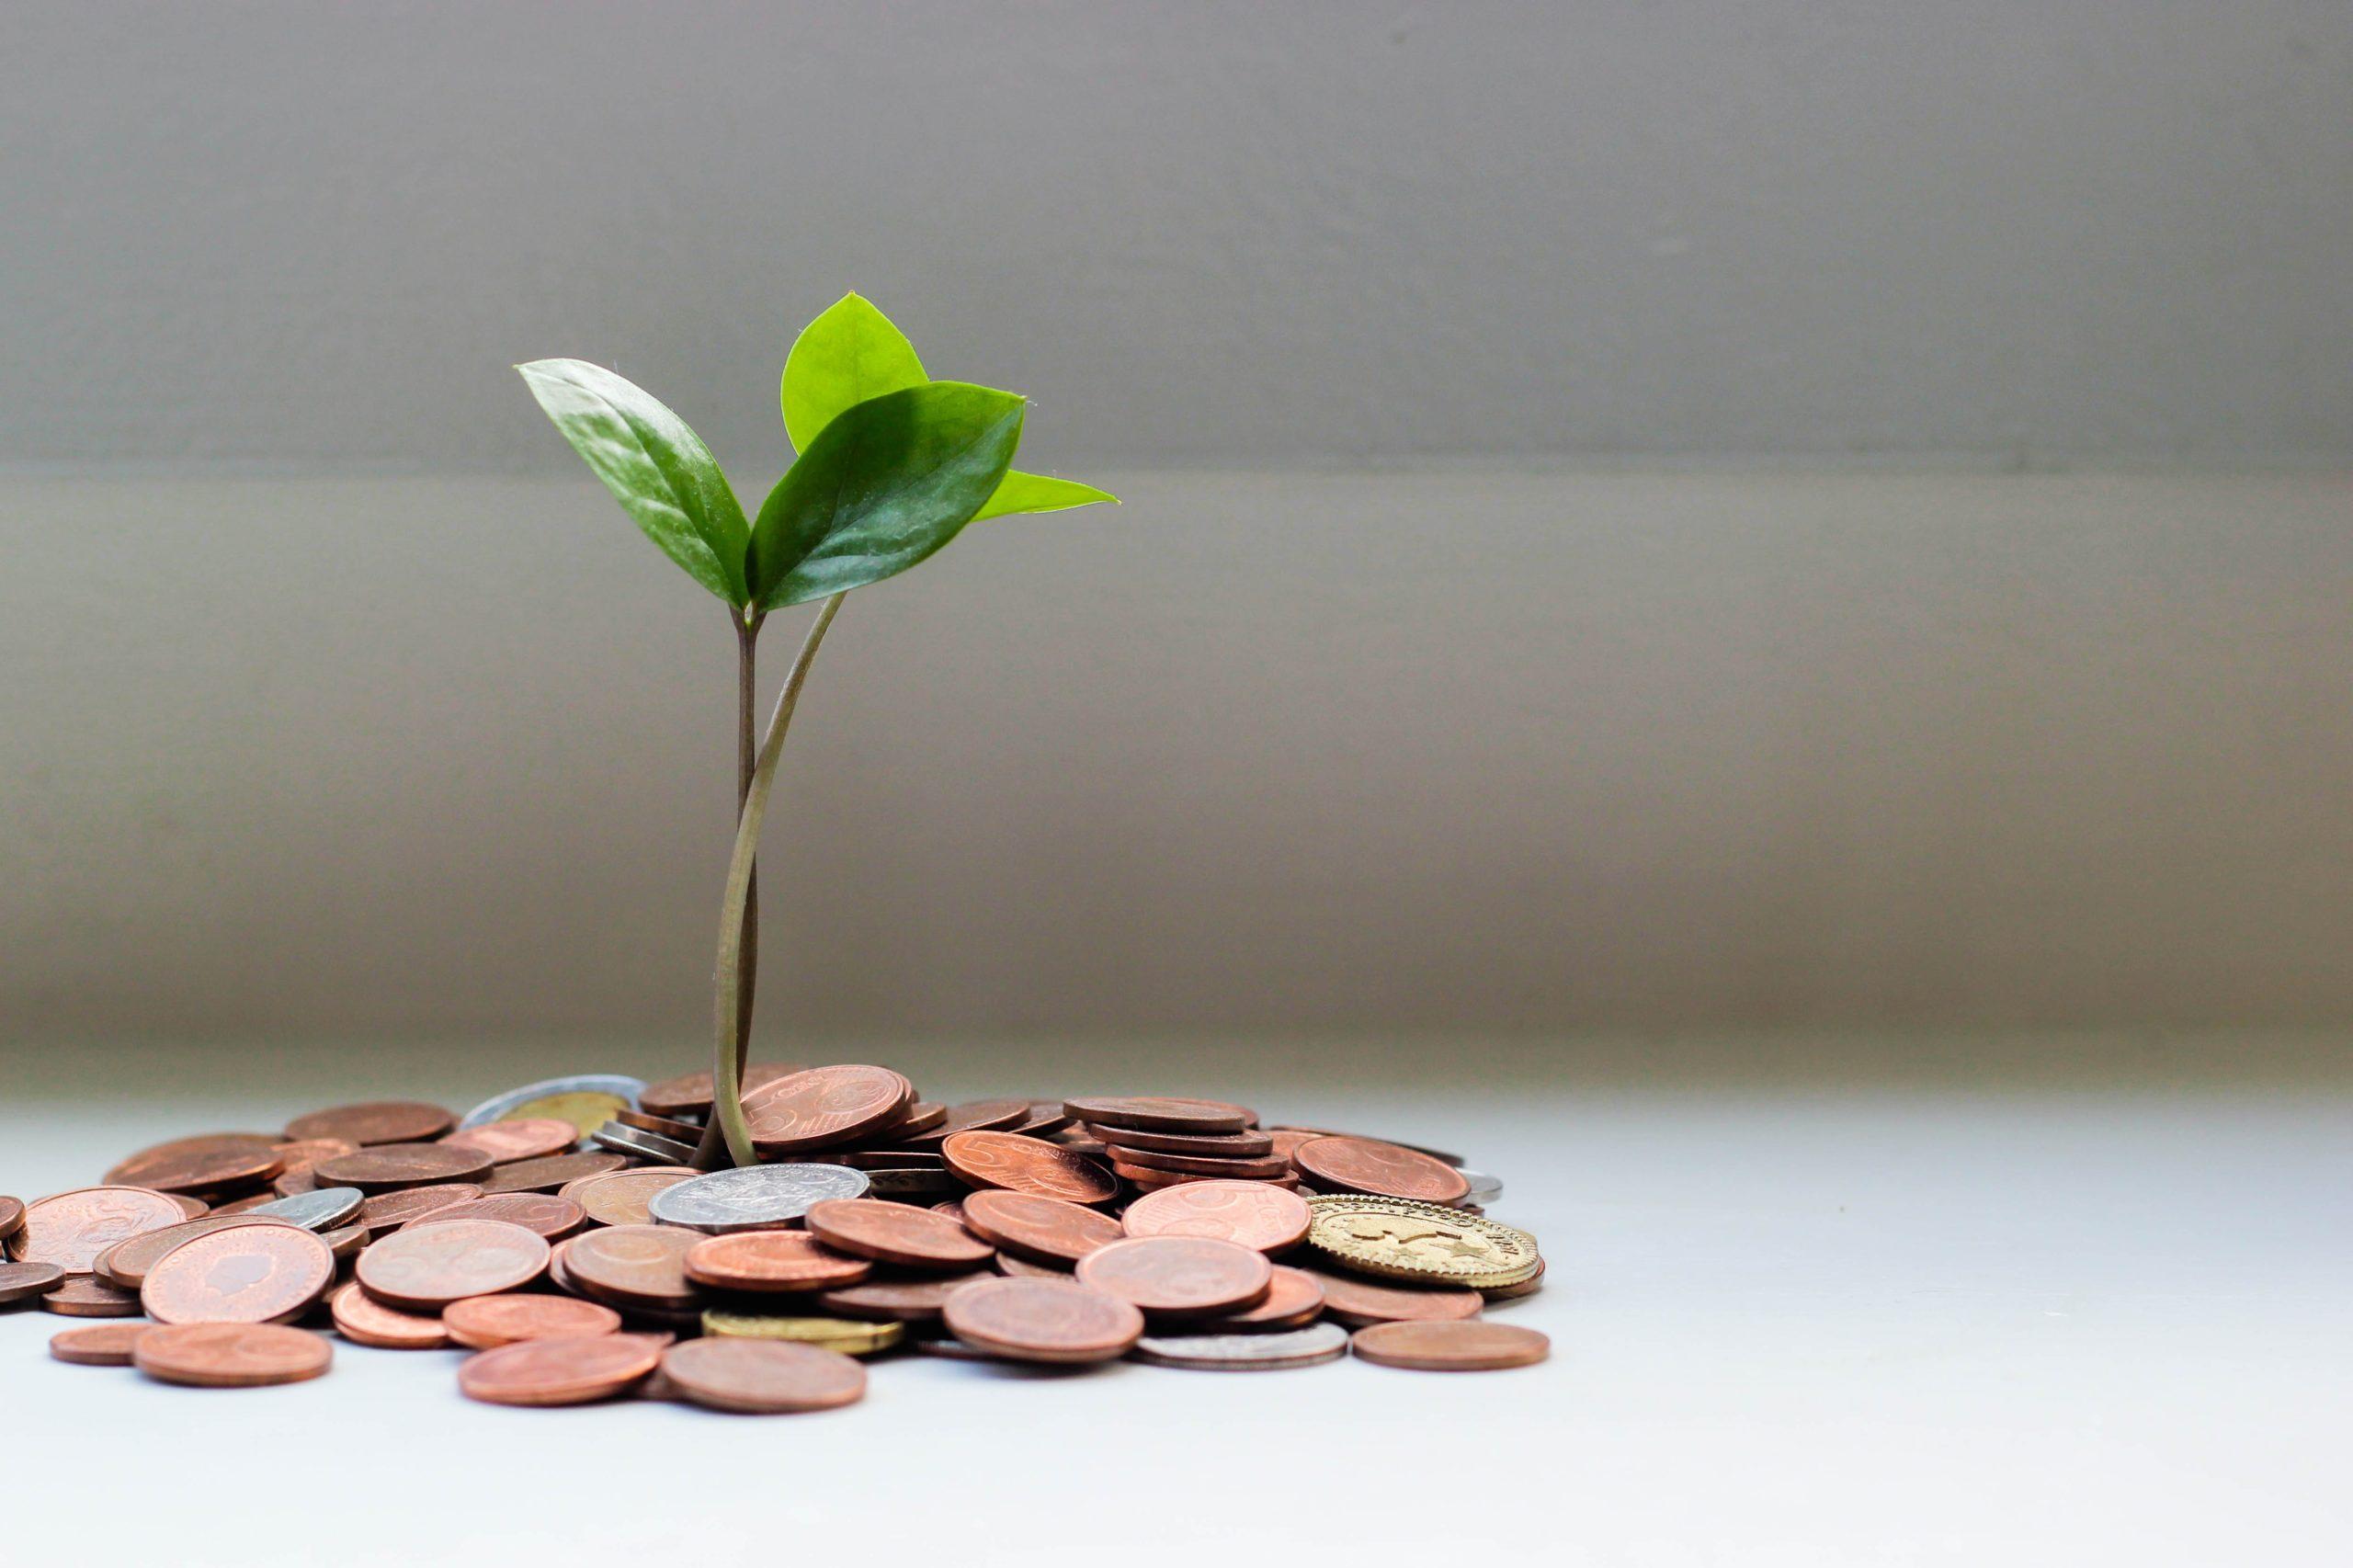 earn money online,Freelancing,social media,affiliate marketing,virtual assistant,wealth news,Peer to peer,websites